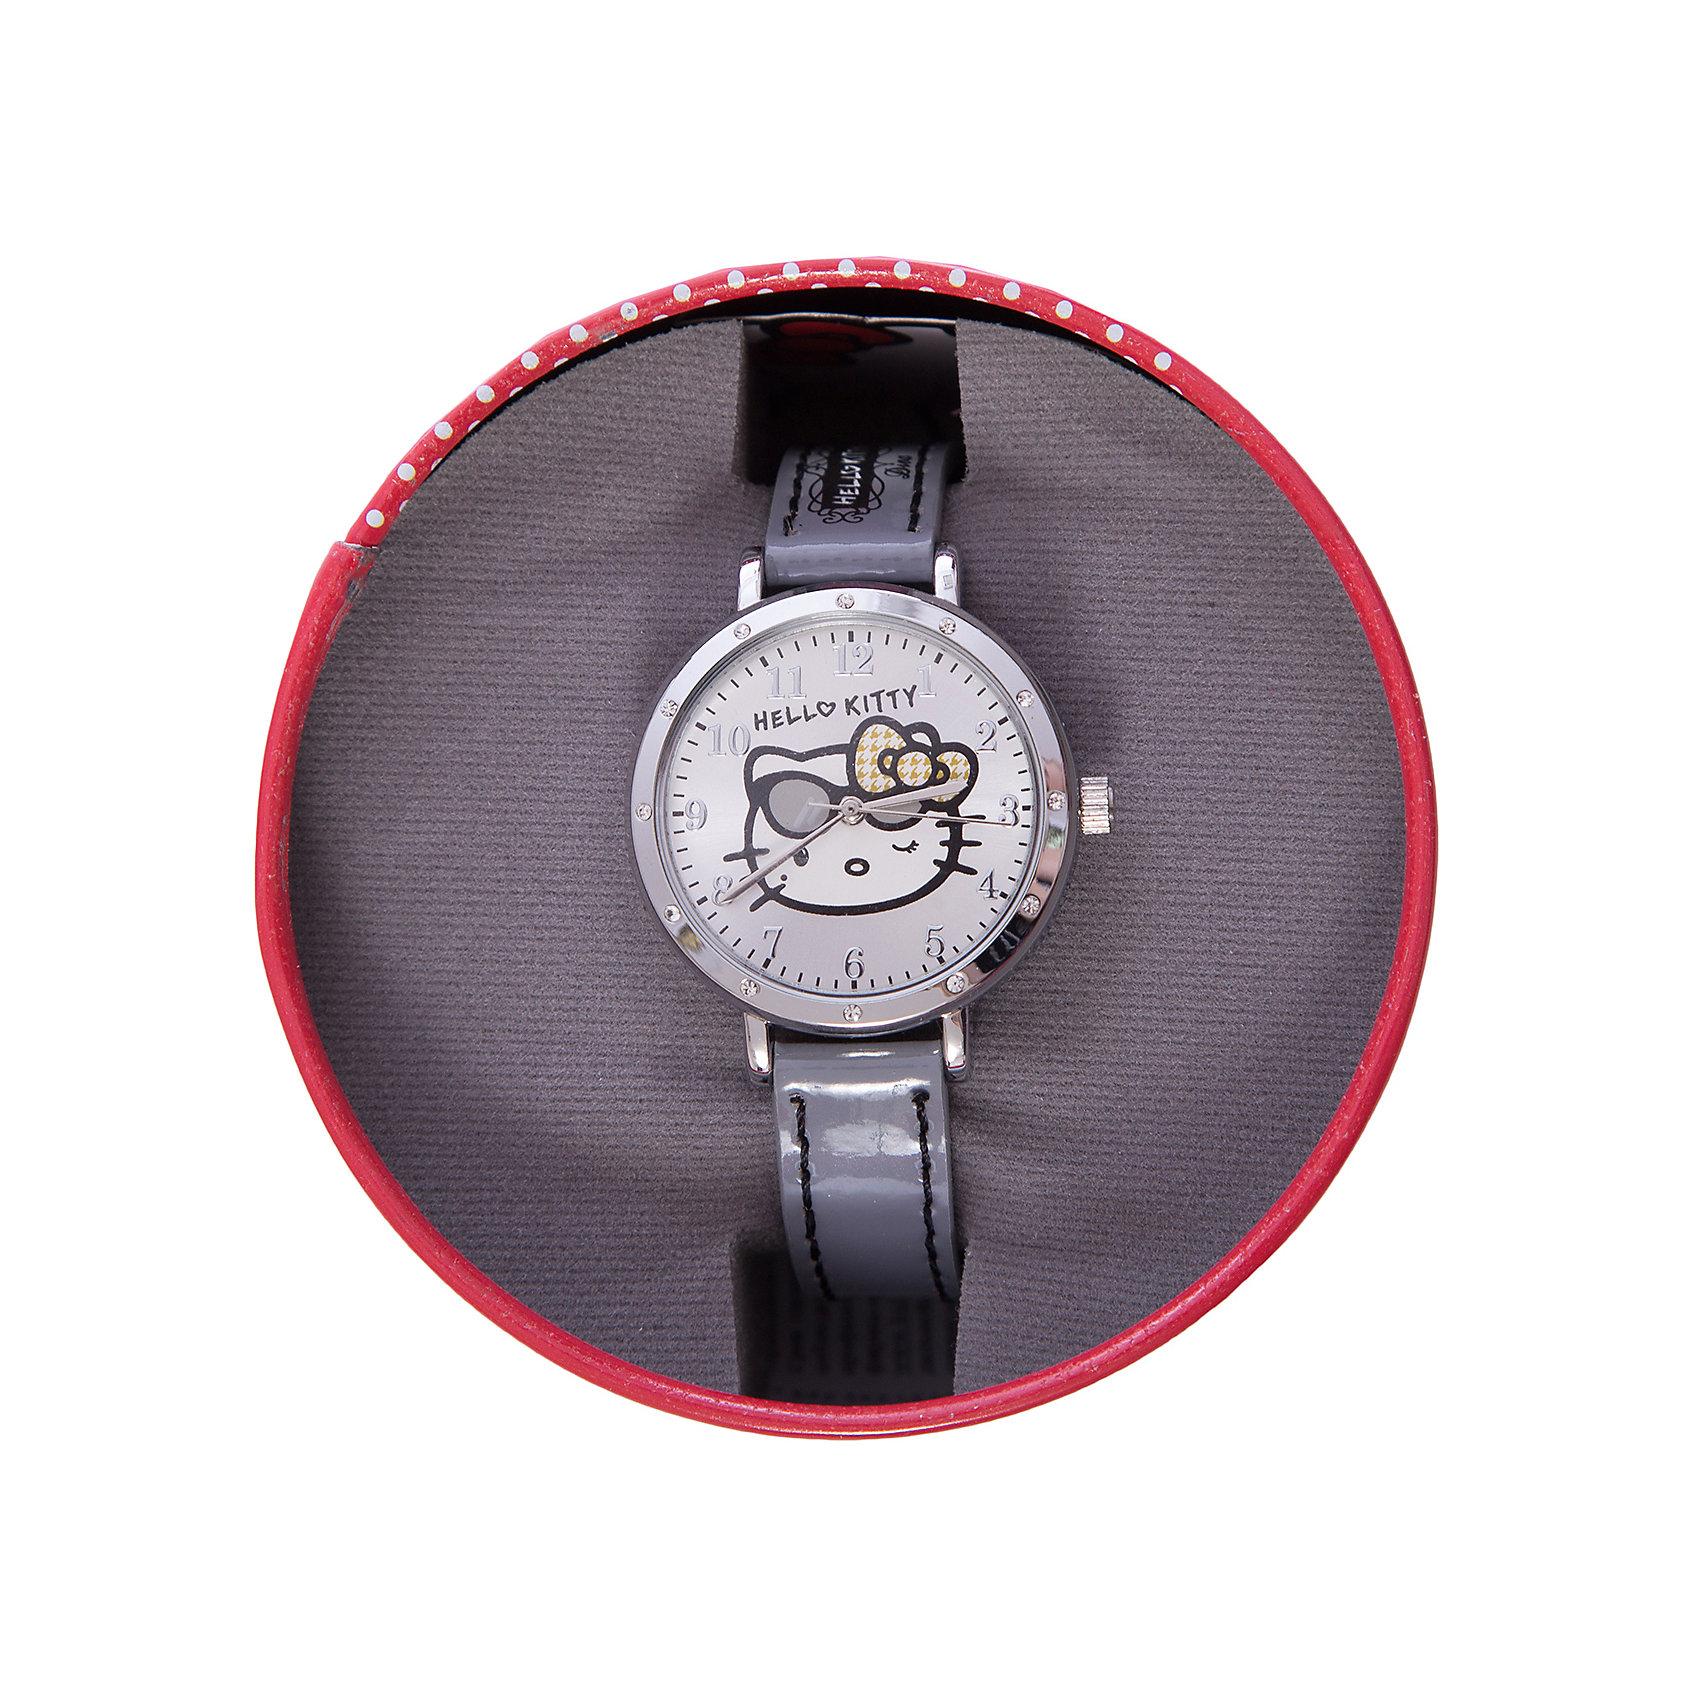 Часы наручные аналоговые, Hello KittyHello Kitty<br>Эксклюзивные наручные аналоговые часы торговой марки Hello Kitty выполнены по индивидуальному дизайну ООО «Детское Время» и лицензии компании Sanrio. Обилие деталей - декоративных элементов (страз, мерцающих ремешков), надписей,  уникальных изображений - делают изделие тщательно продуманным творением мастеров. Часы имеют высококачественный японский кварцевый механизм и отличаются надежностью и точностью хода. Часы водоустойчивы и обладают достаточной герметичностью, чтобы спокойно перенести случайный и незначительный контакт с жидкостями (дождь, брызги), но они не предназначены для плавания или погружения в воду. Циферблат защищен от повреждений прочным минеральным стеклом. Корпус часов выполнен из стали,  задняя крышка из нержавеющей стали. Материал браслета: искусственная кожа. Единица товара упаковывается в стильную подарочную коробочку. Неповторимый стиль с изобилием насыщенных и в тоже время нежных гамм; надежность и прочность изделия позволяют говорить о нем только в превосходной степени!<br><br>Ширина мм: 55<br>Глубина мм: 10<br>Высота мм: 250<br>Вес г: 27<br>Возраст от месяцев: 36<br>Возраст до месяцев: 72<br>Пол: Женский<br>Возраст: Детский<br>SKU: 5529330